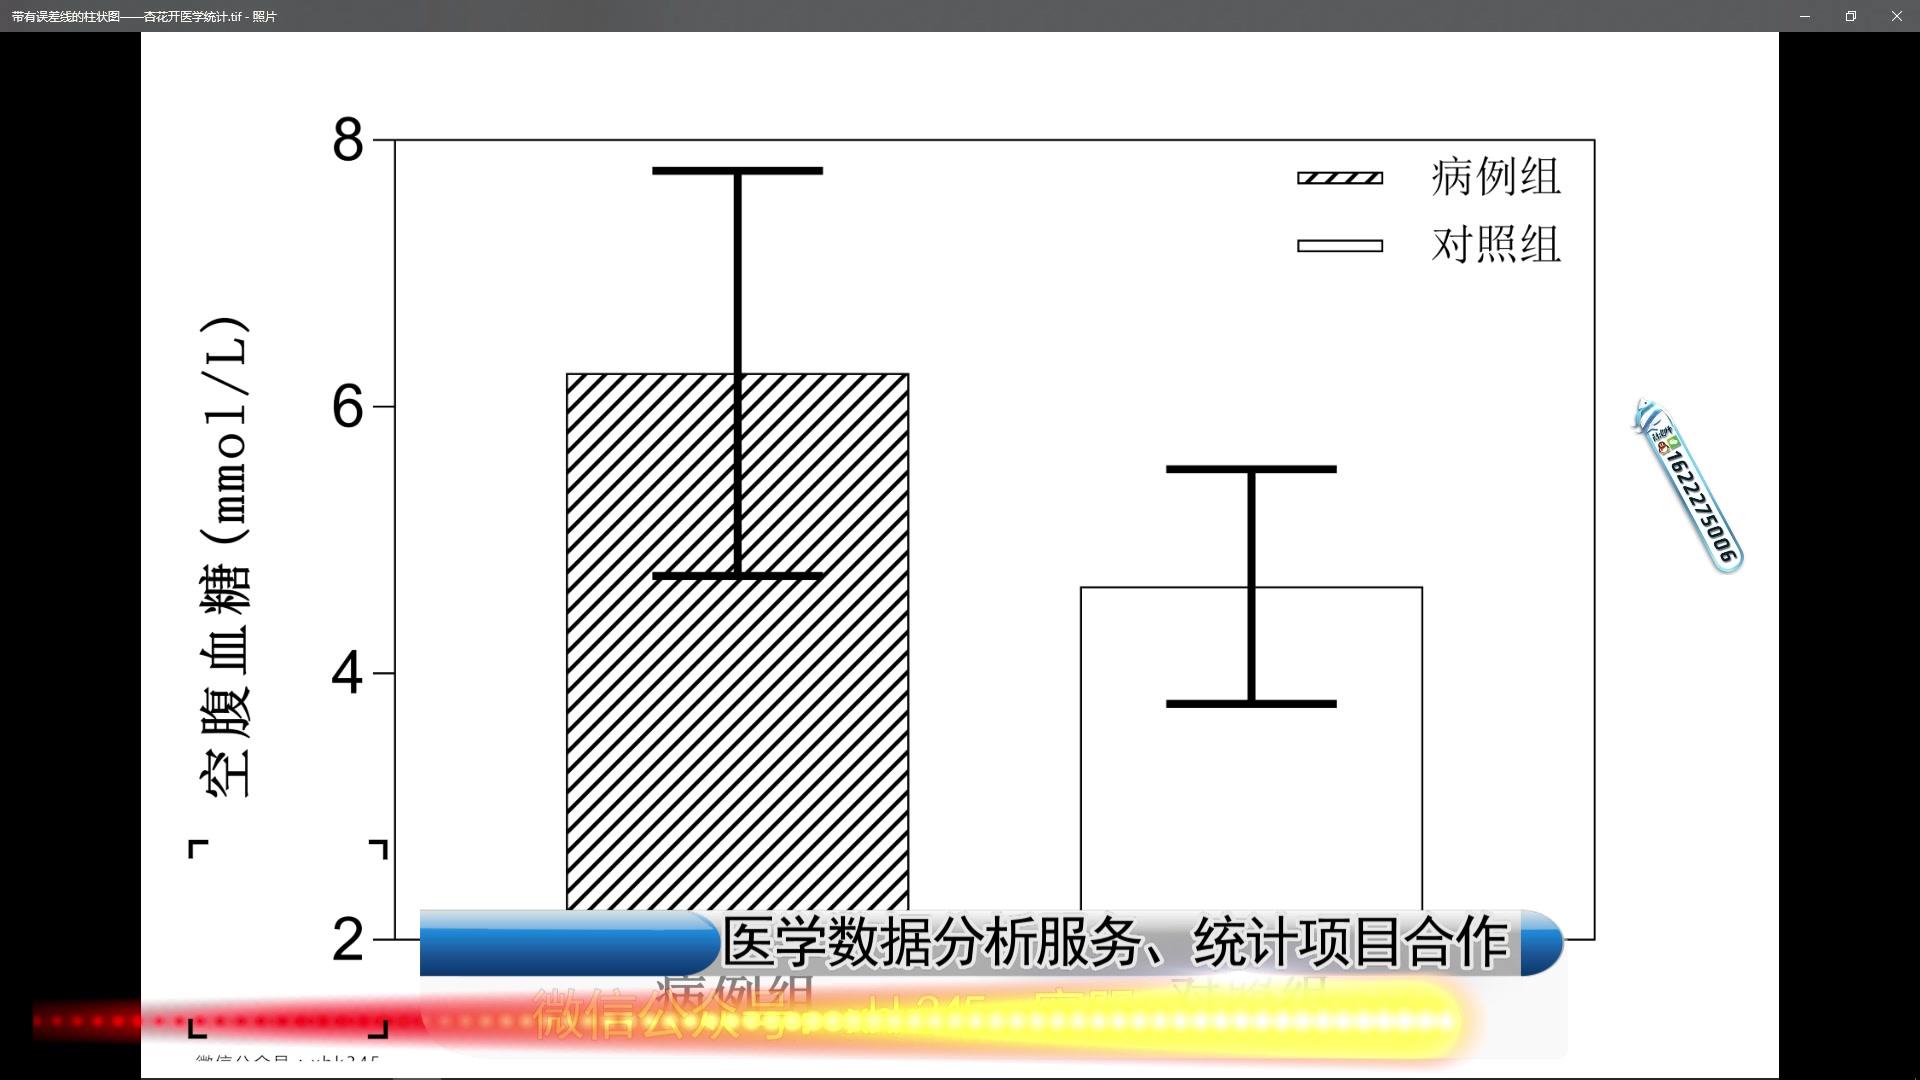 SPSS杏花图(带误差)详细建筑条形--【教程开医v杏花绘制设计院资质证书图片